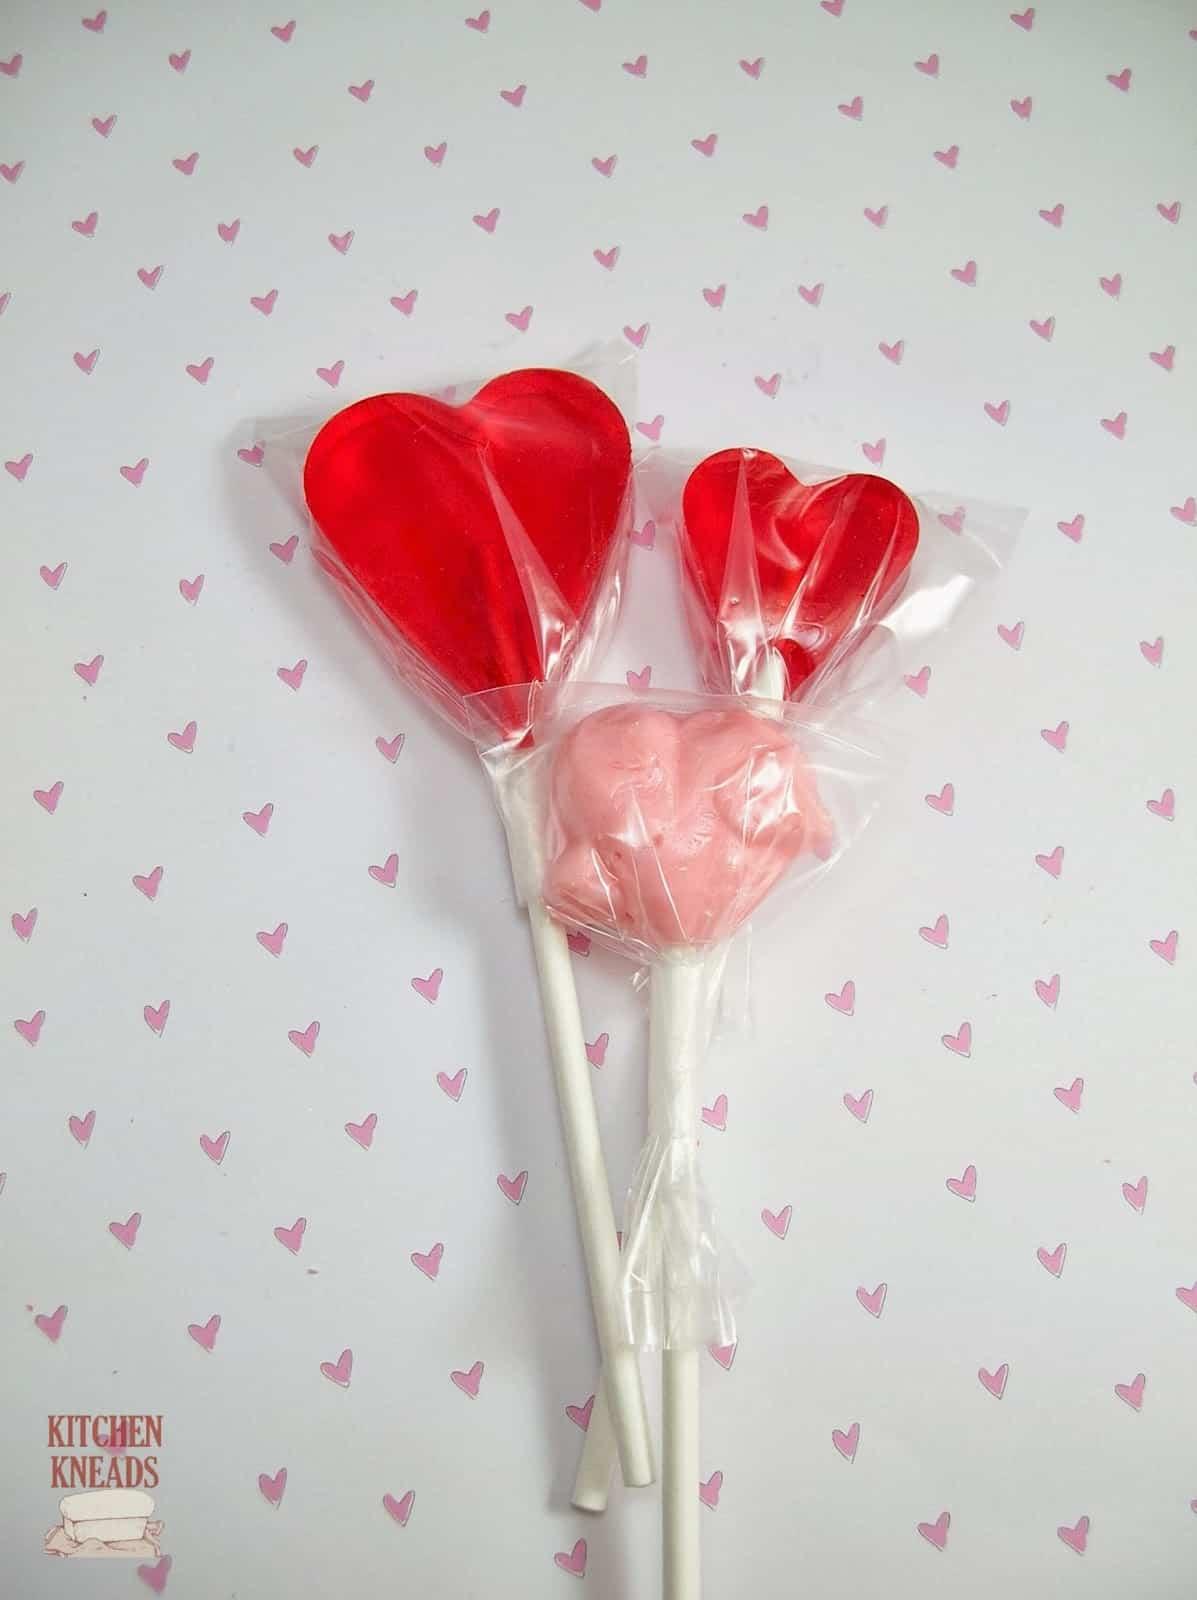 Love heart lollipops